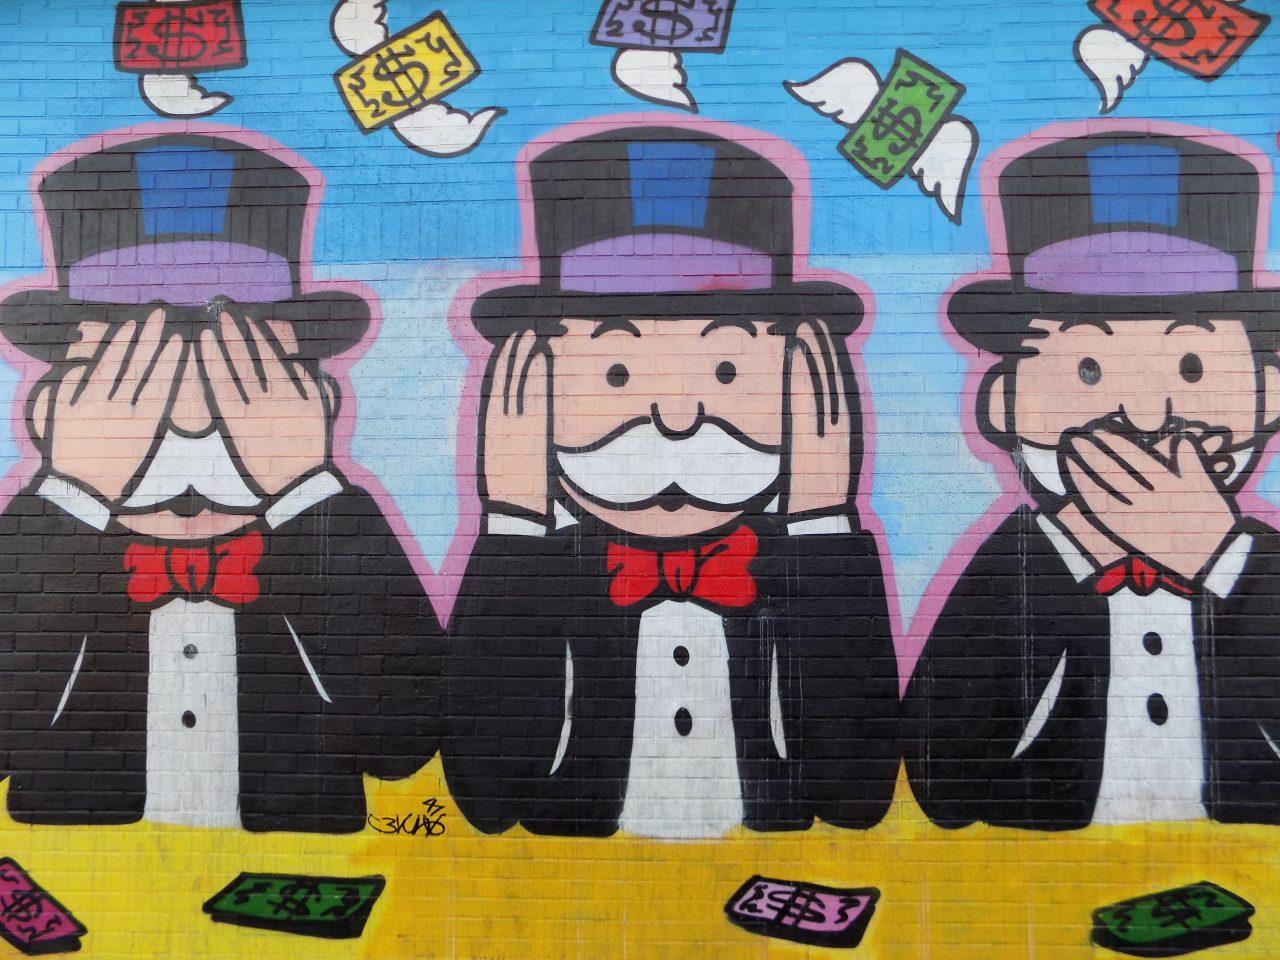 cosa fare se si hanno soldi falsi diventare ricchi è facile